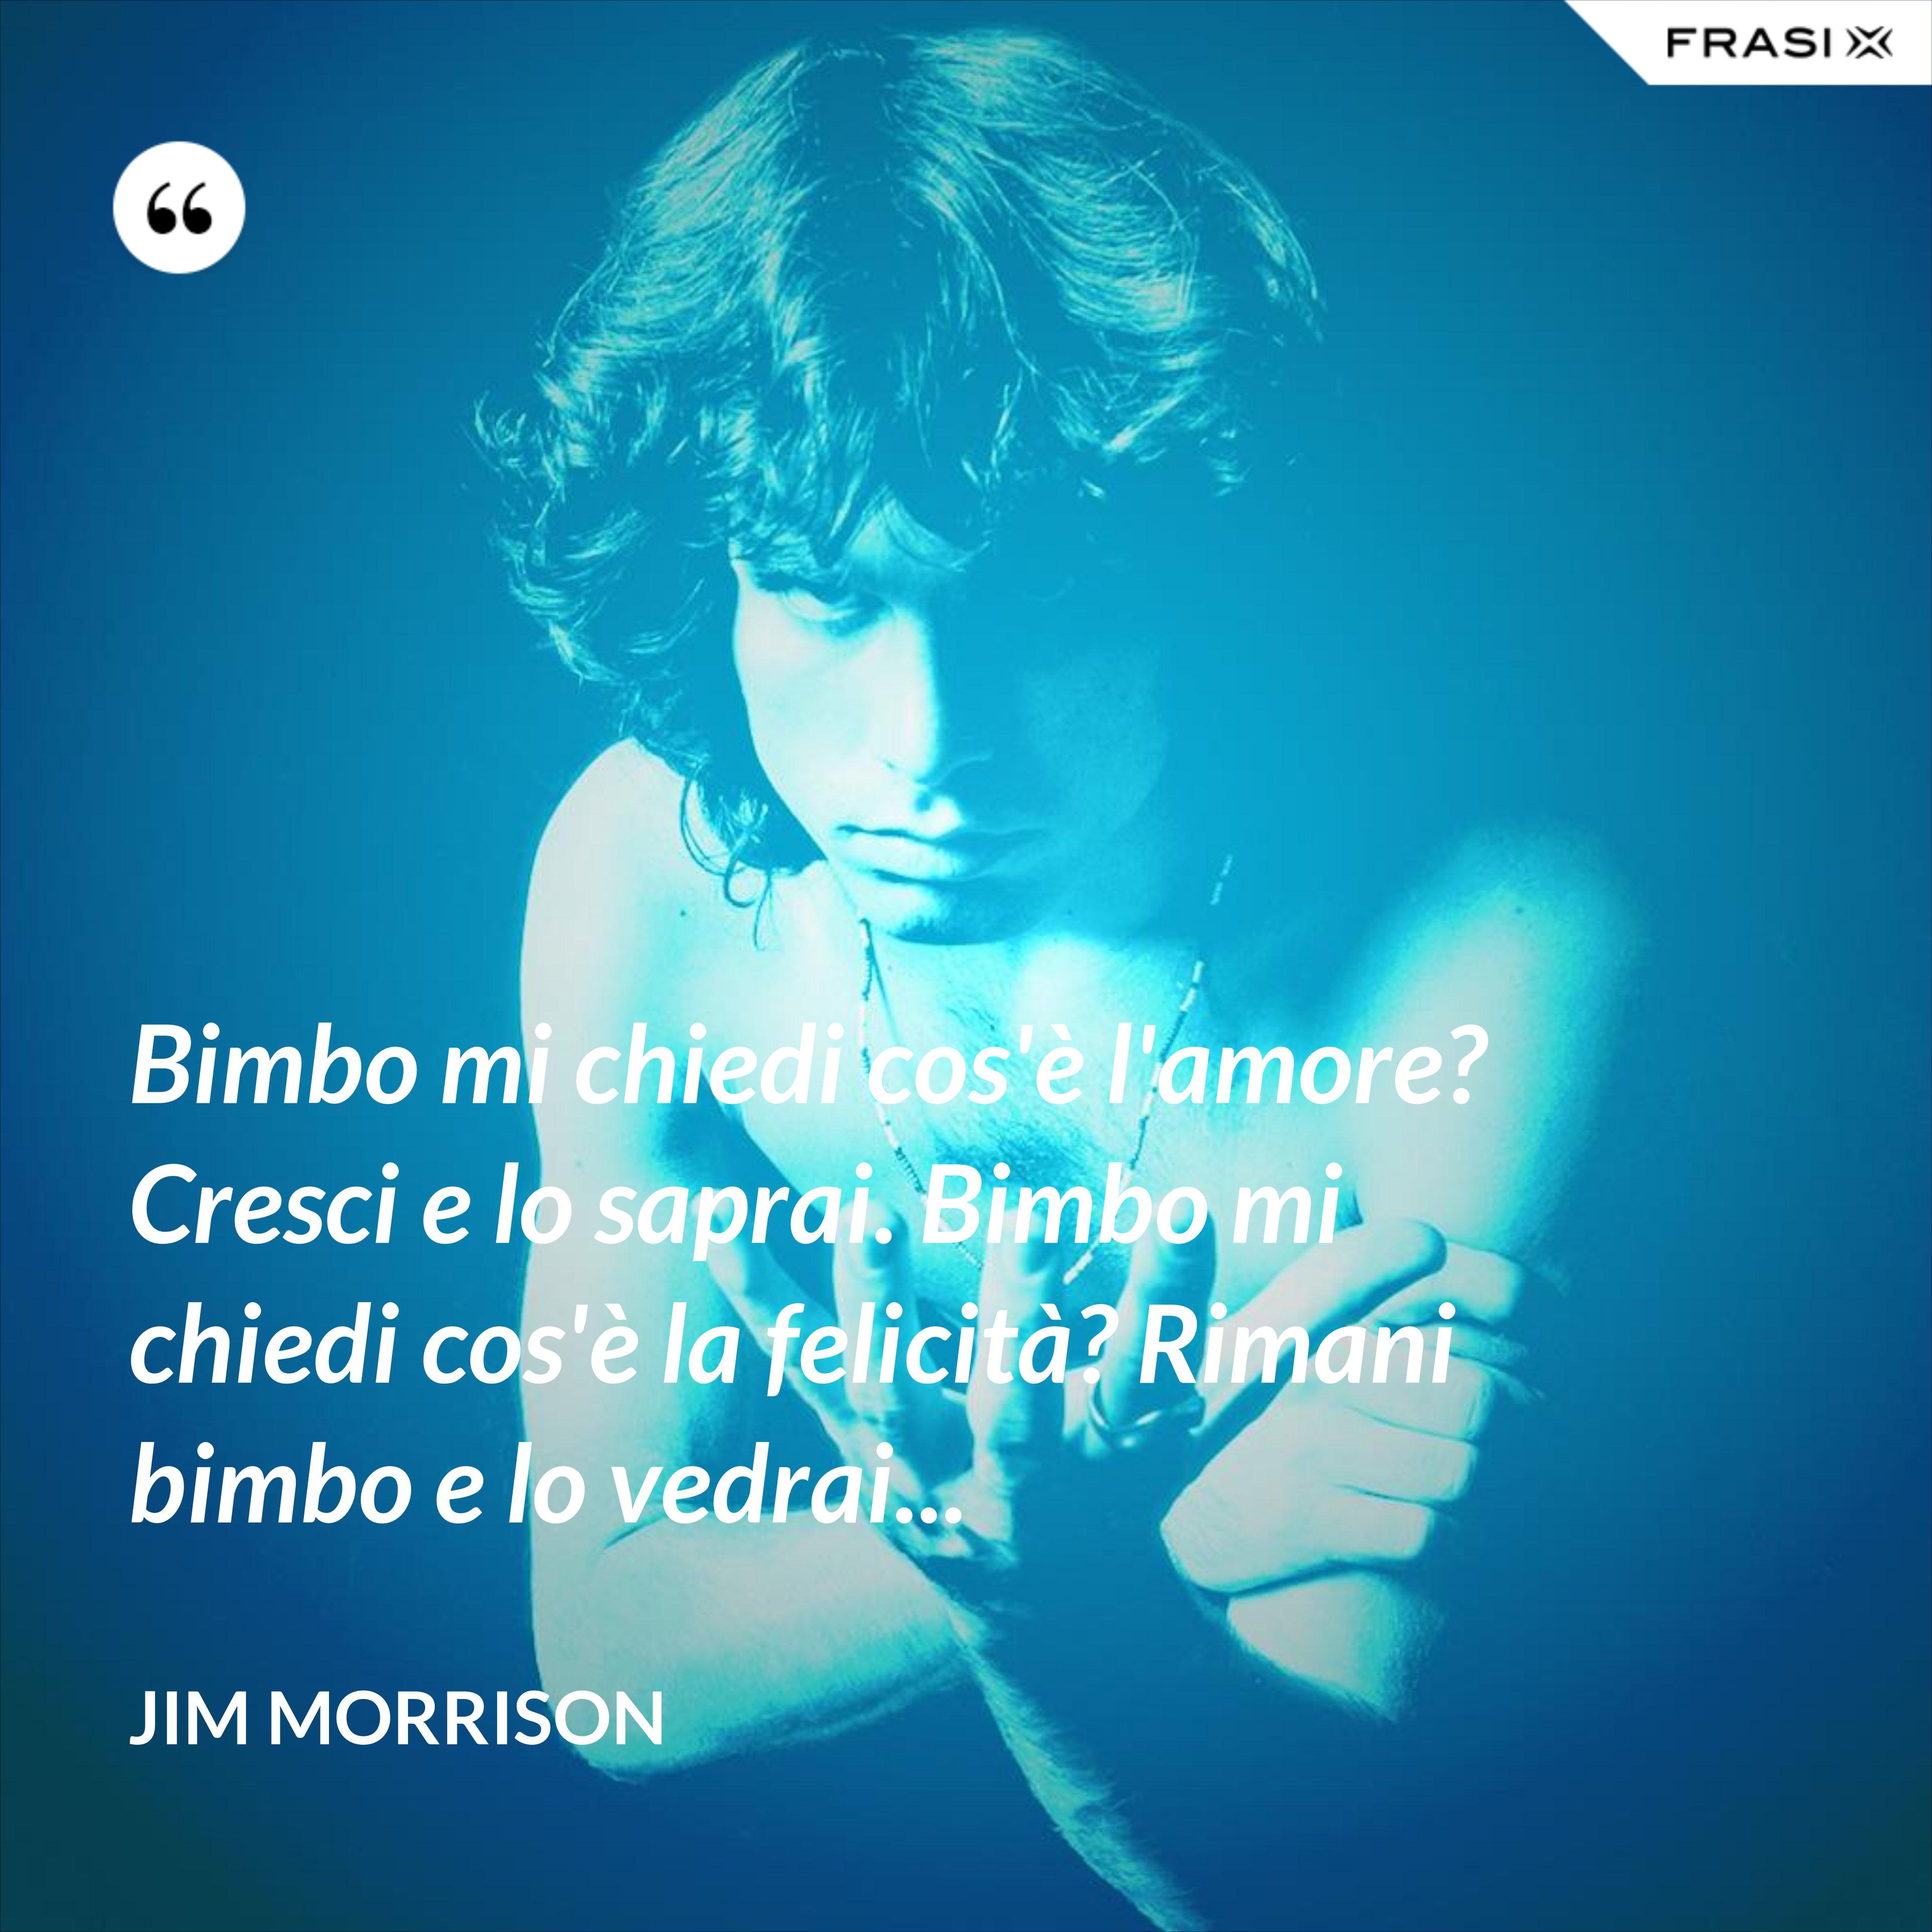 Bimbo mi chiedi cos'è l'amore? Cresci e lo saprai. Bimbo mi chiedi cos'è la felicità? Rimani bimbo e lo vedrai... - Jim Morrison